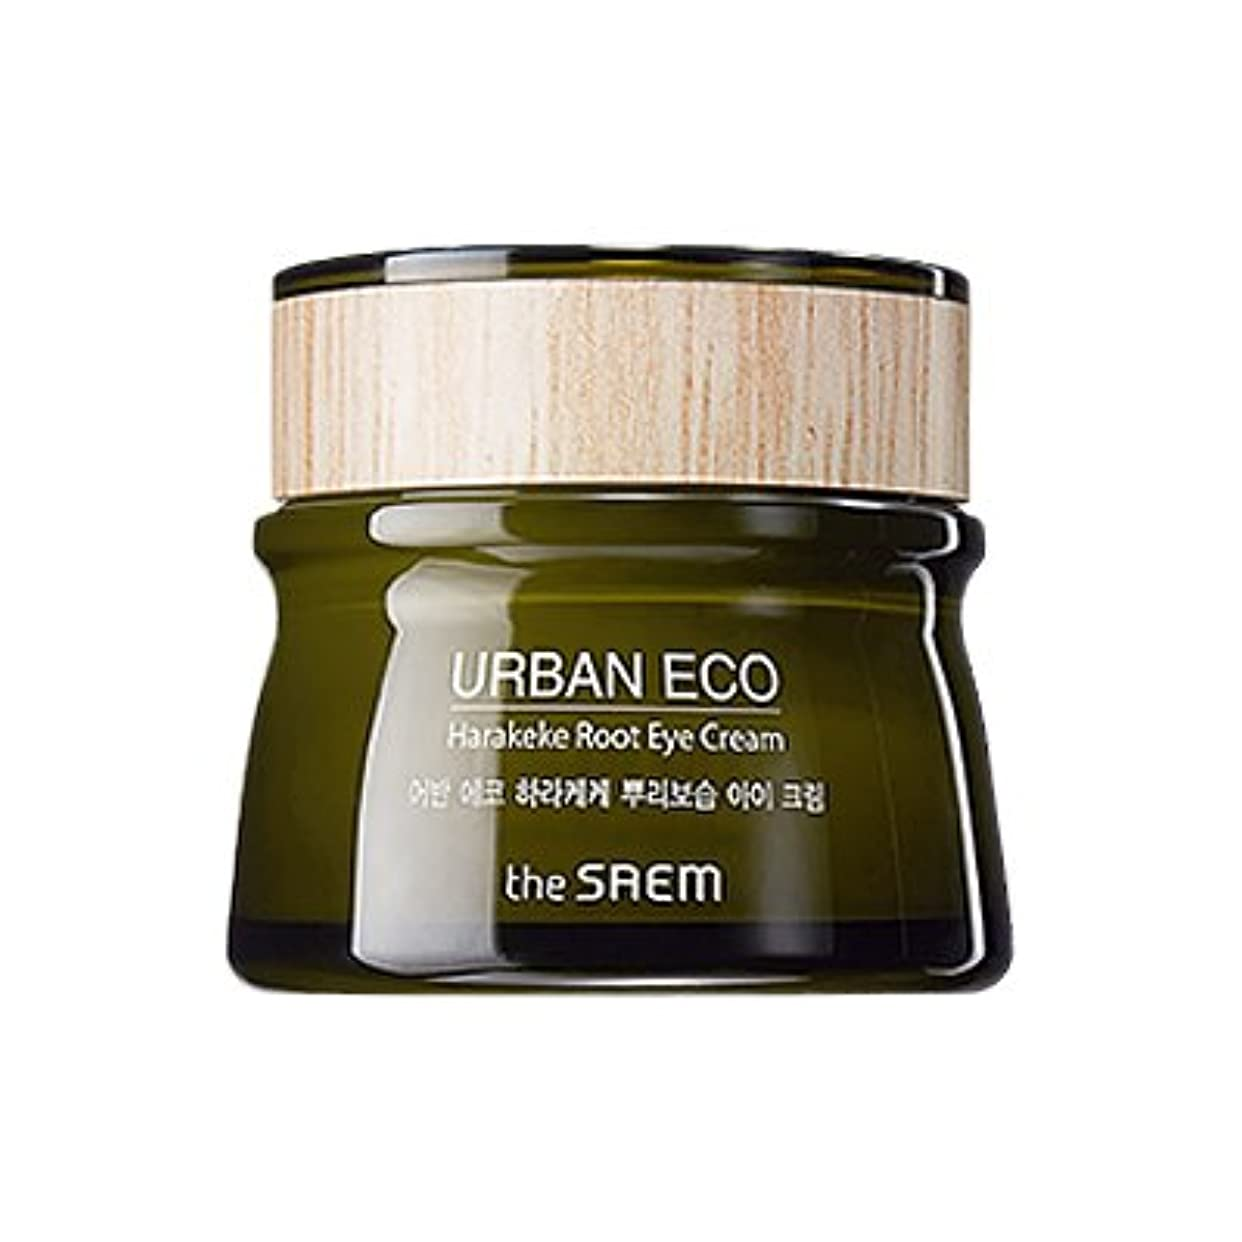 エンドウ記憶絶えずThe SAEM Urban Eco Harakeke Root Eye Creamザセムアーバンエコハラケケ根保湿アイクリーム [並行輸入品]